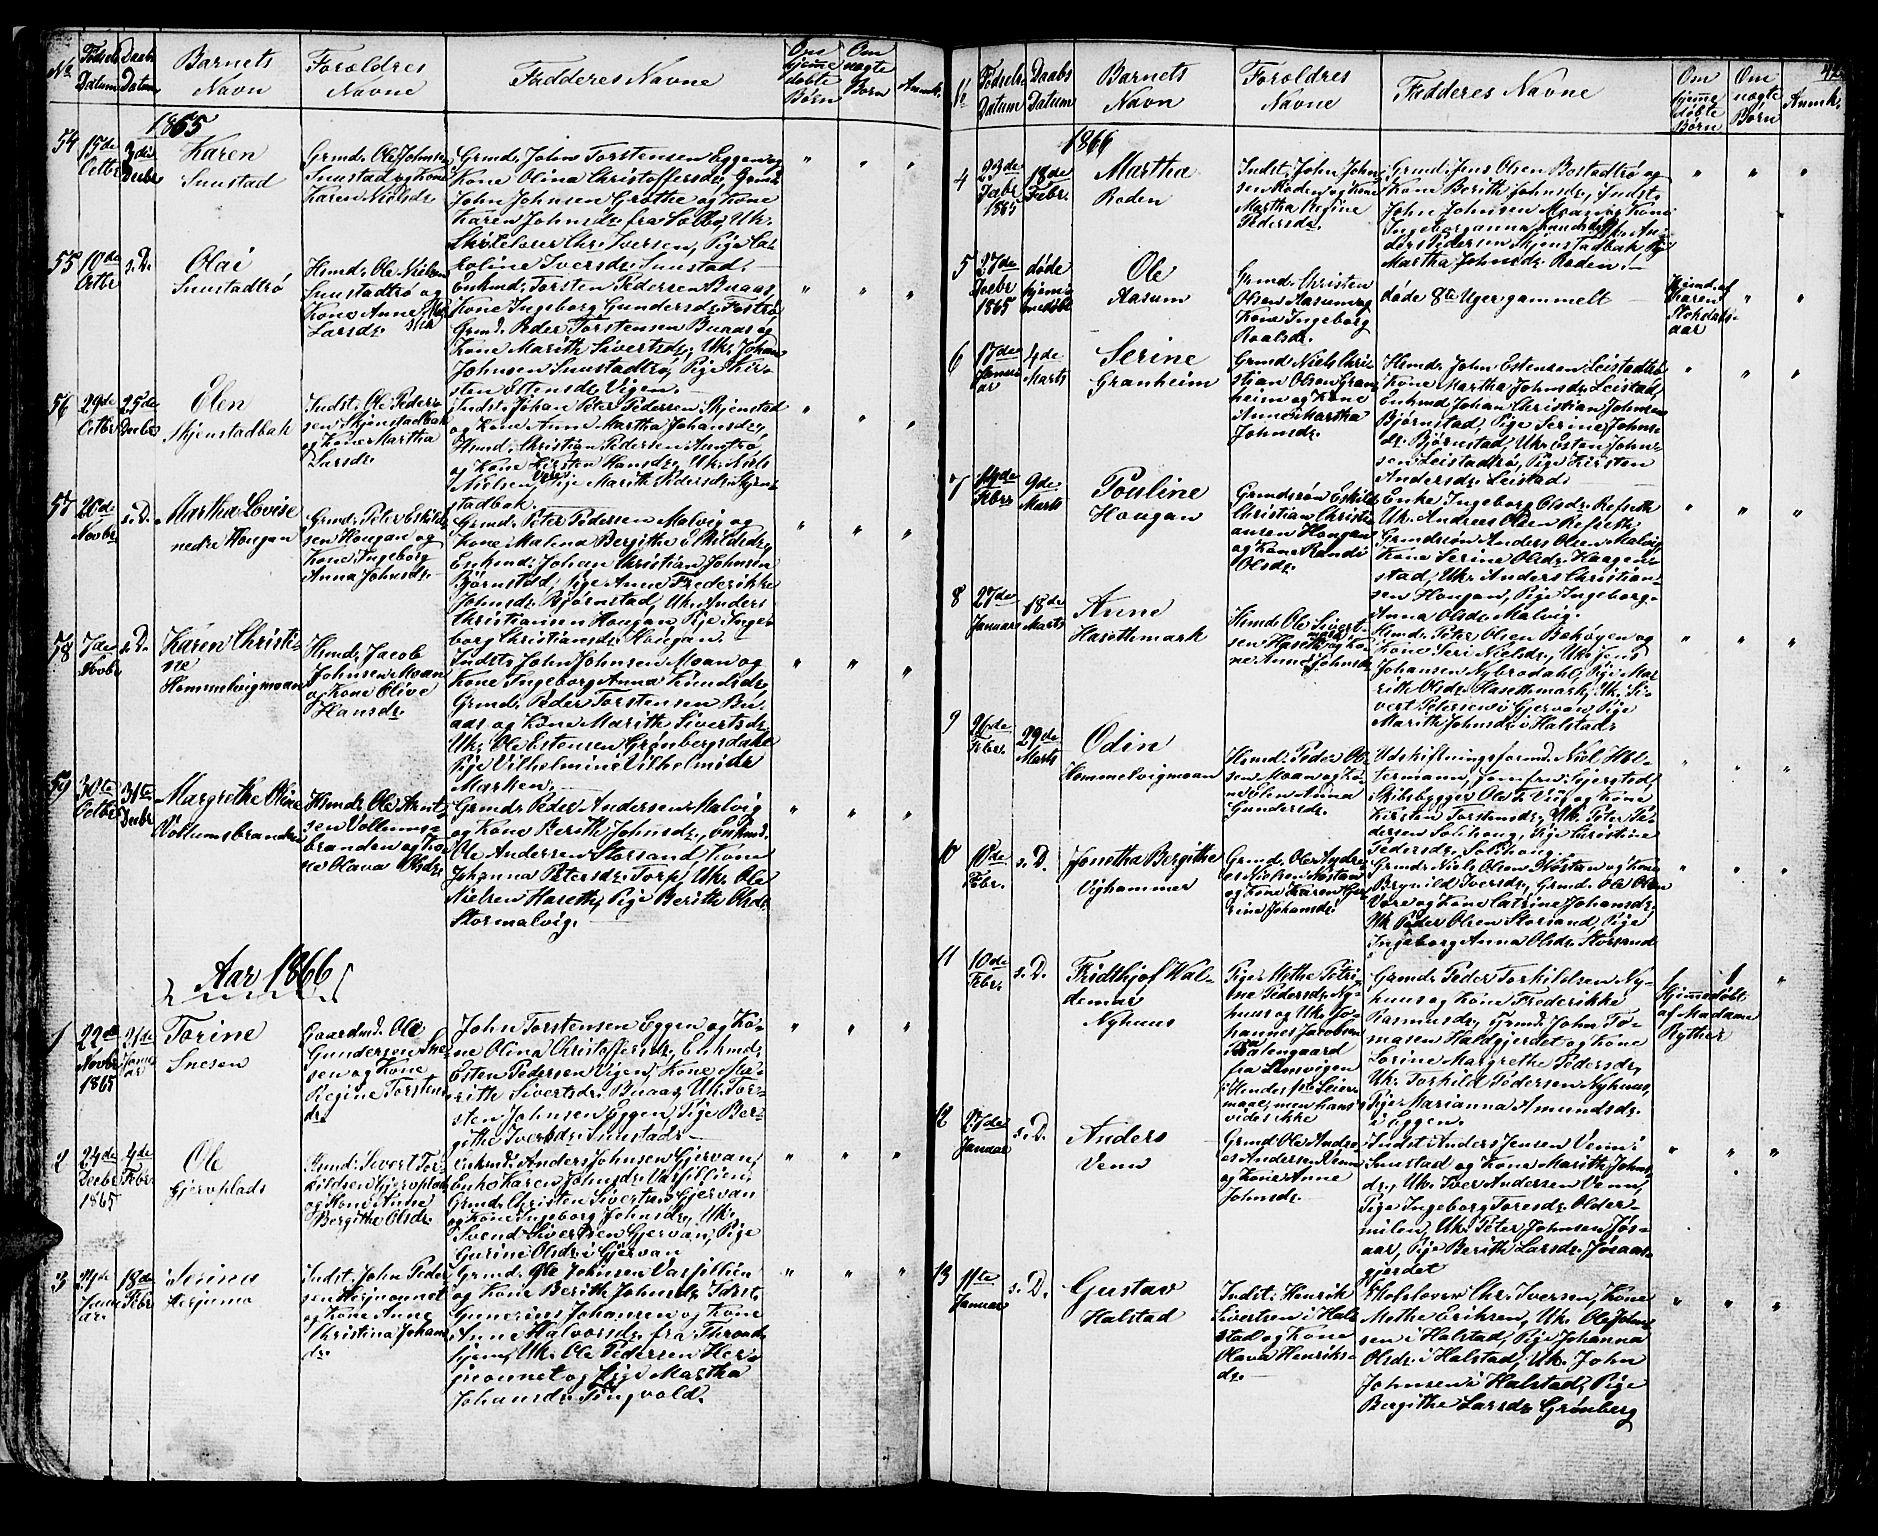 SAT, Ministerialprotokoller, klokkerbøker og fødselsregistre - Sør-Trøndelag, 616/L0422: Klokkerbok nr. 616C05, 1850-1888, s. 42